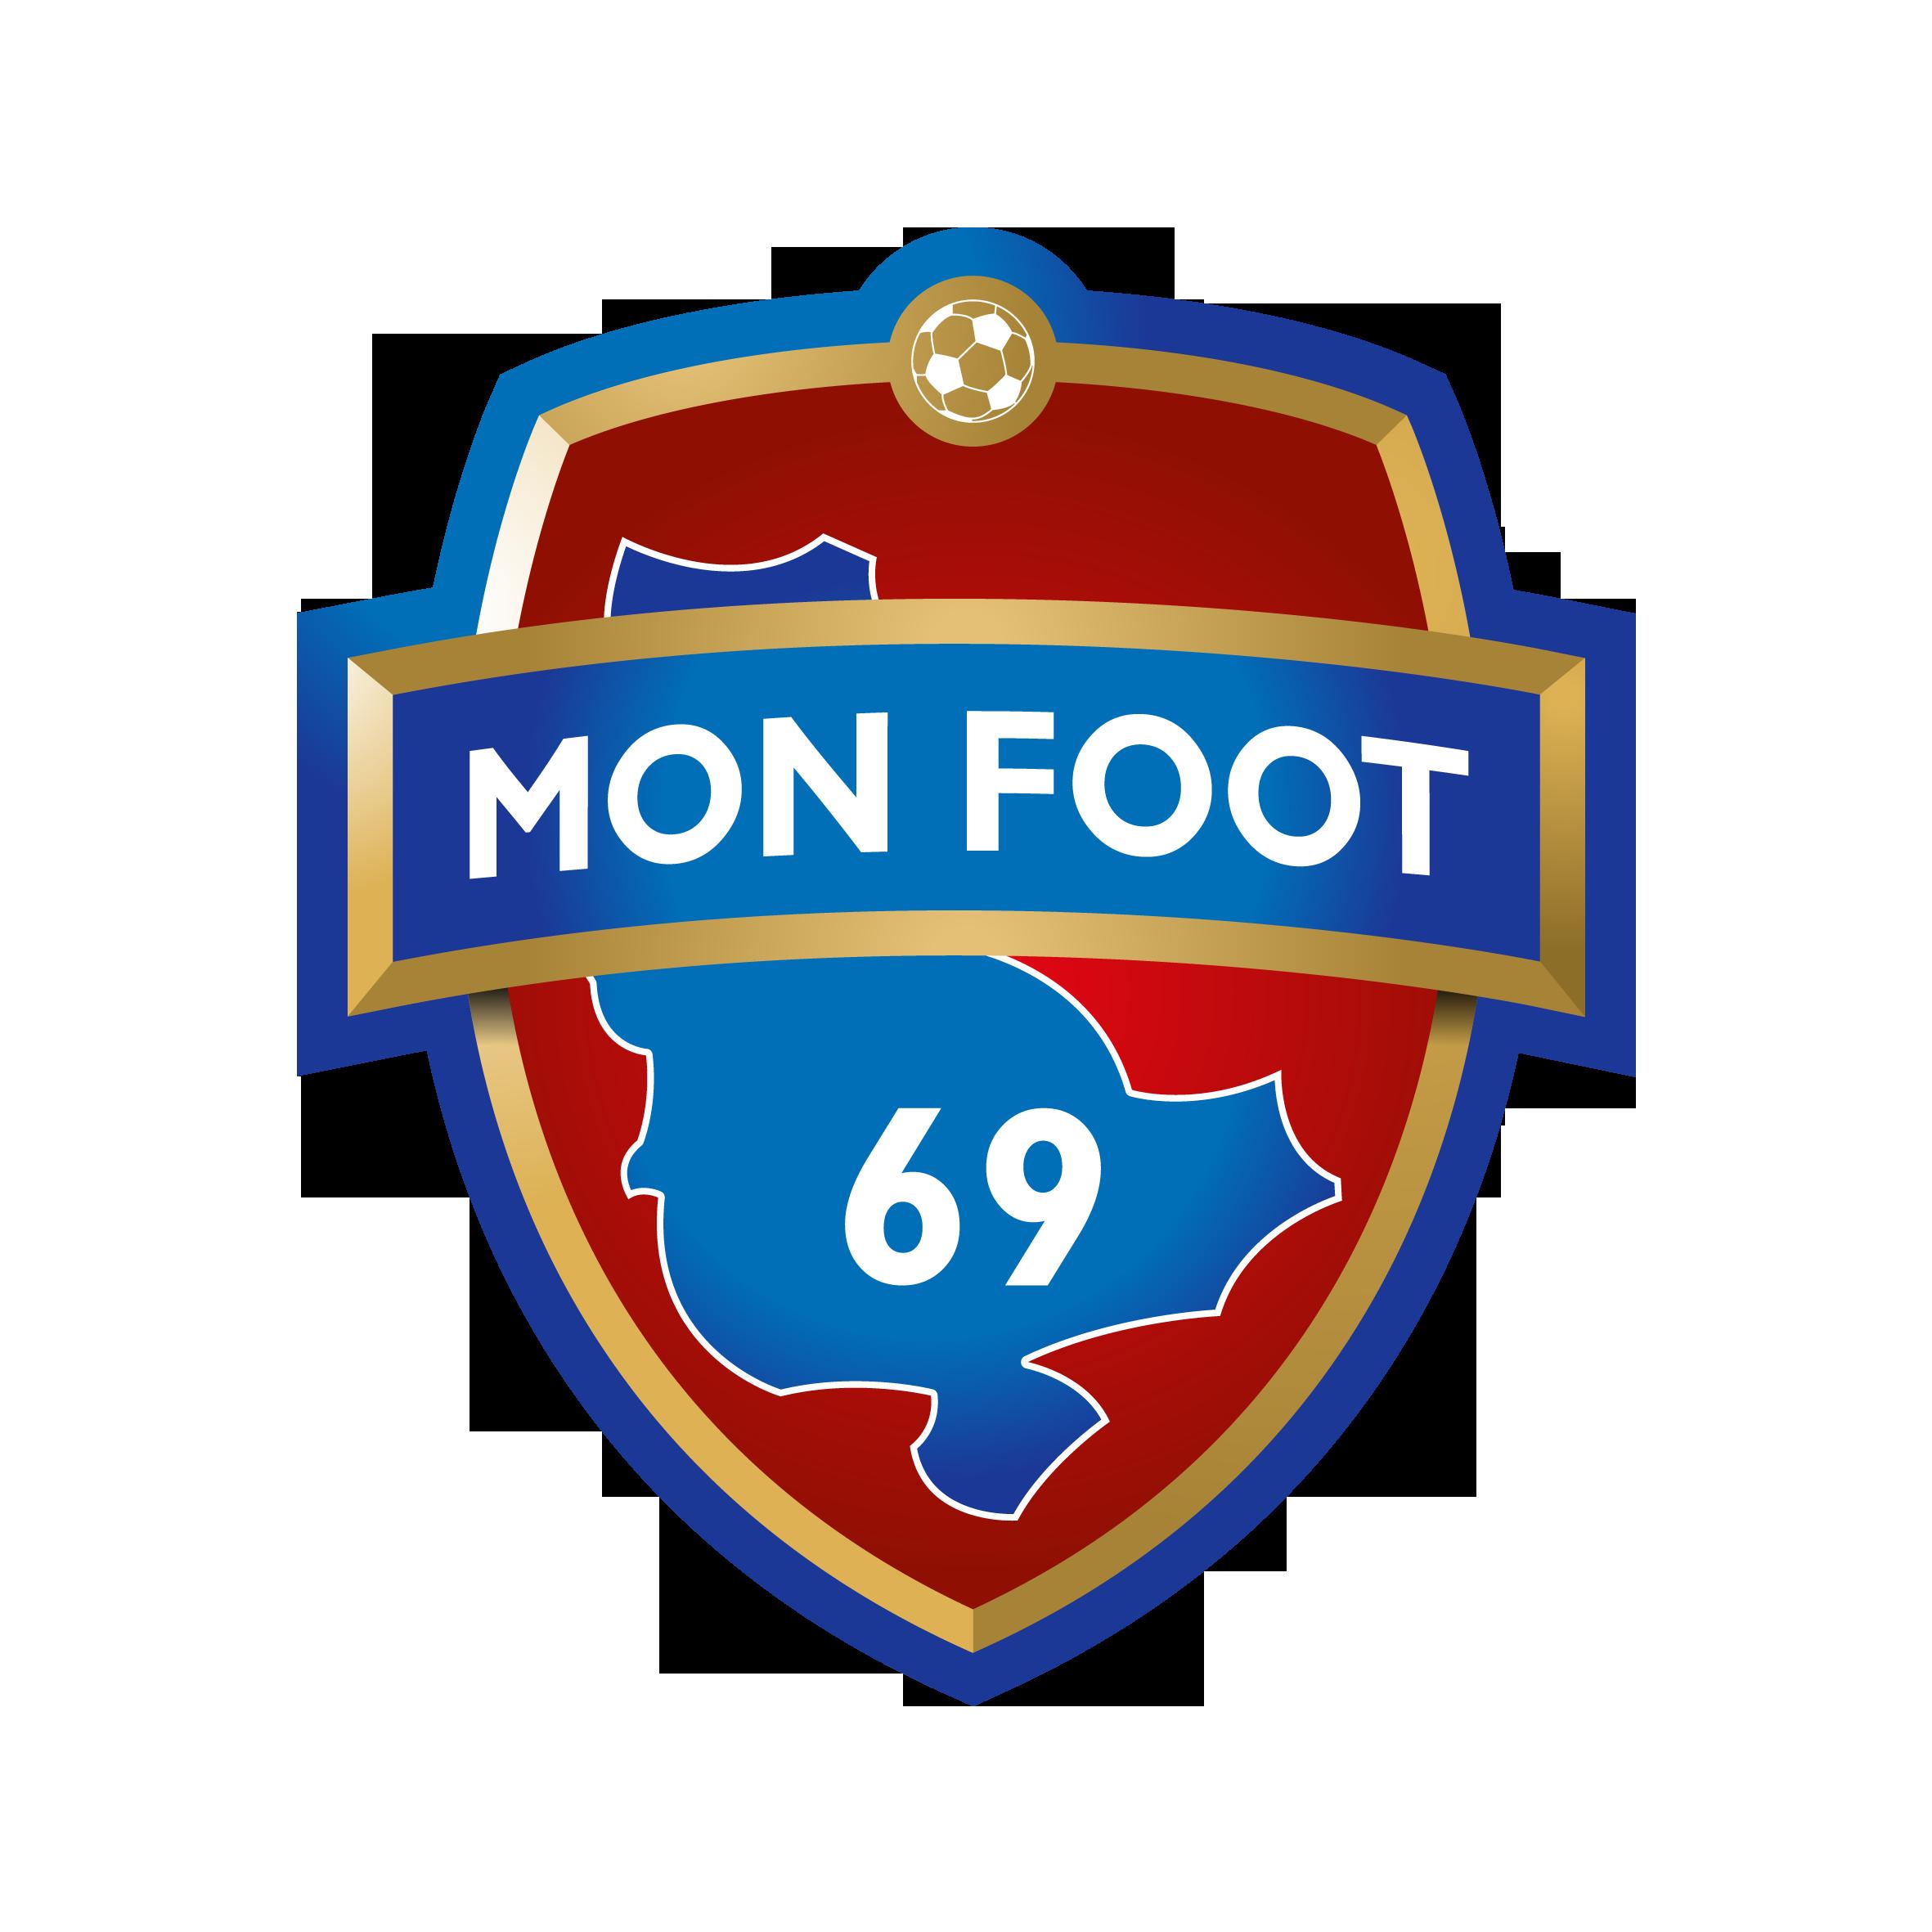 Le District donne des informations sur la pratique du football dans le Rhône suite aux nouvelles mesures